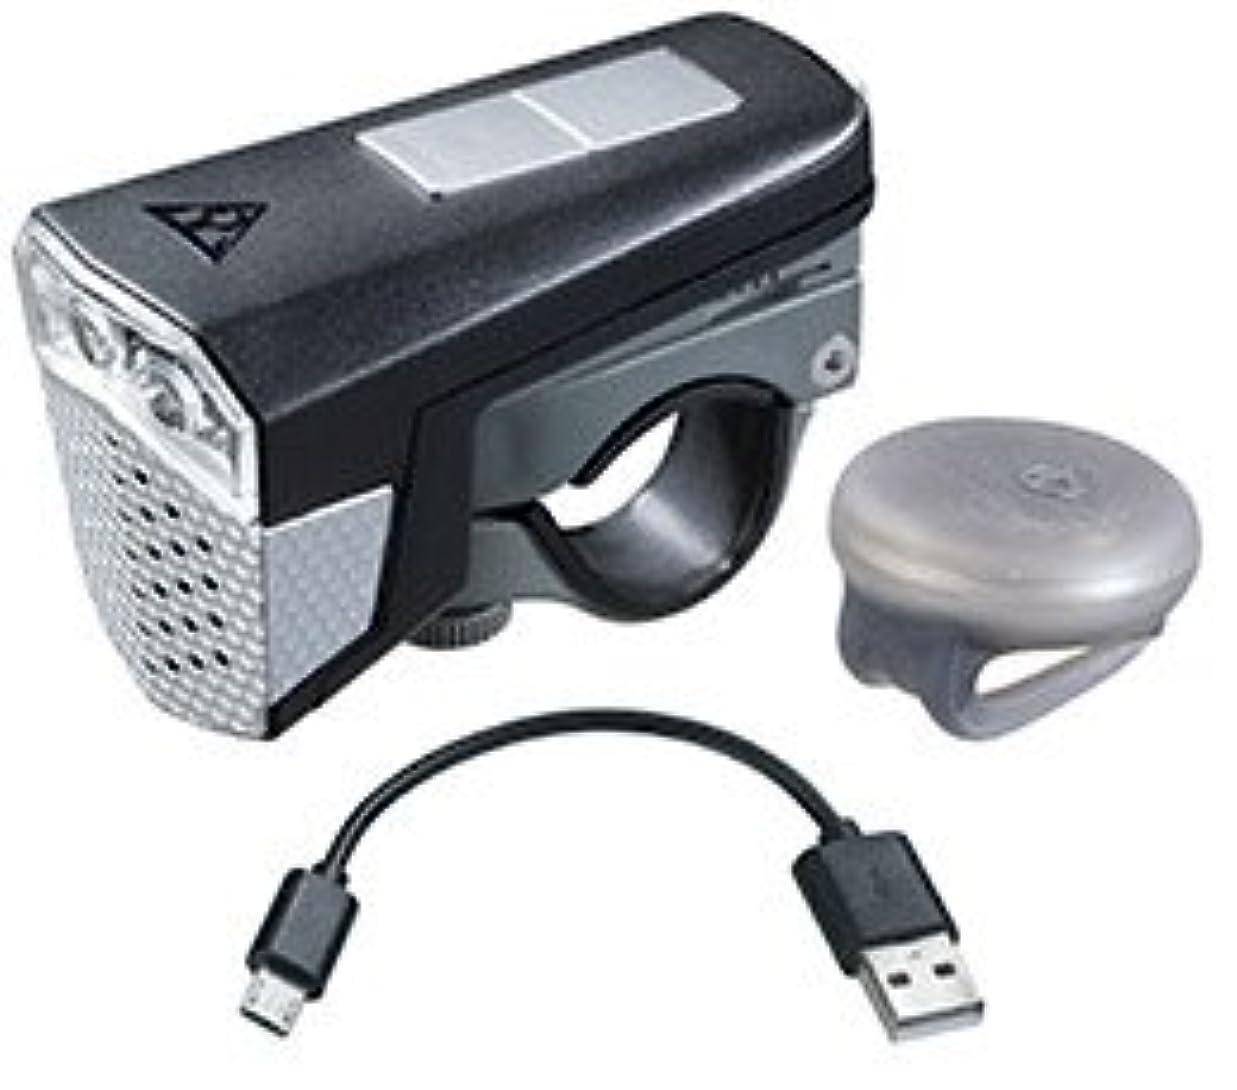 体現するカリキュラム輝くLPF14000 TOPEAK ヘッドライト サウンドライト USB (ワイヤレスサウンドコントローラー付) ブラック